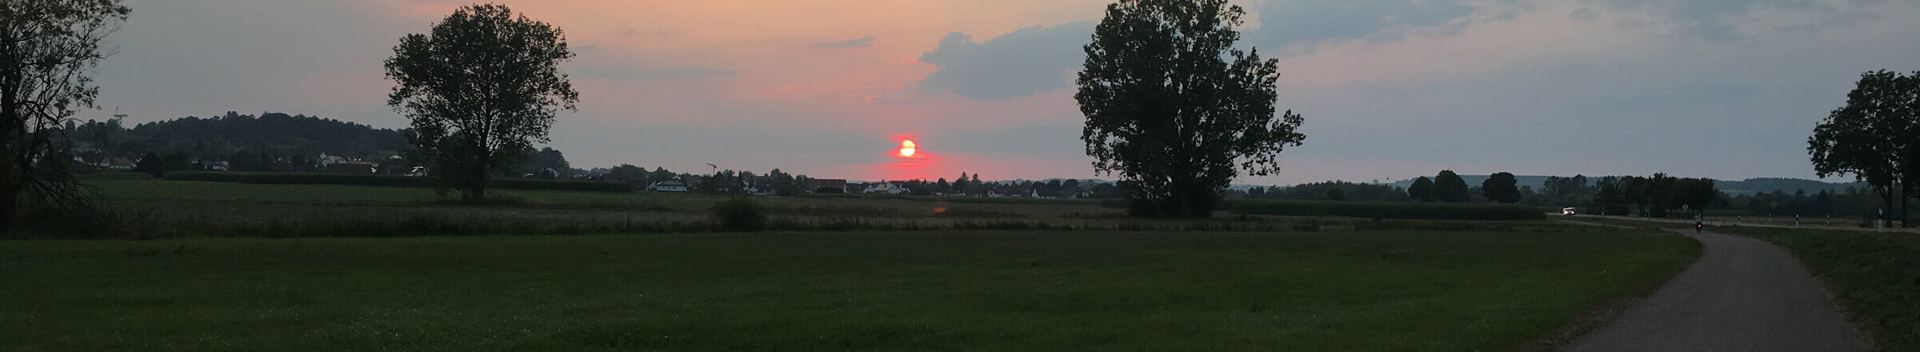 Abenddämmerung - Mengen in Oberschwaben - Radregion